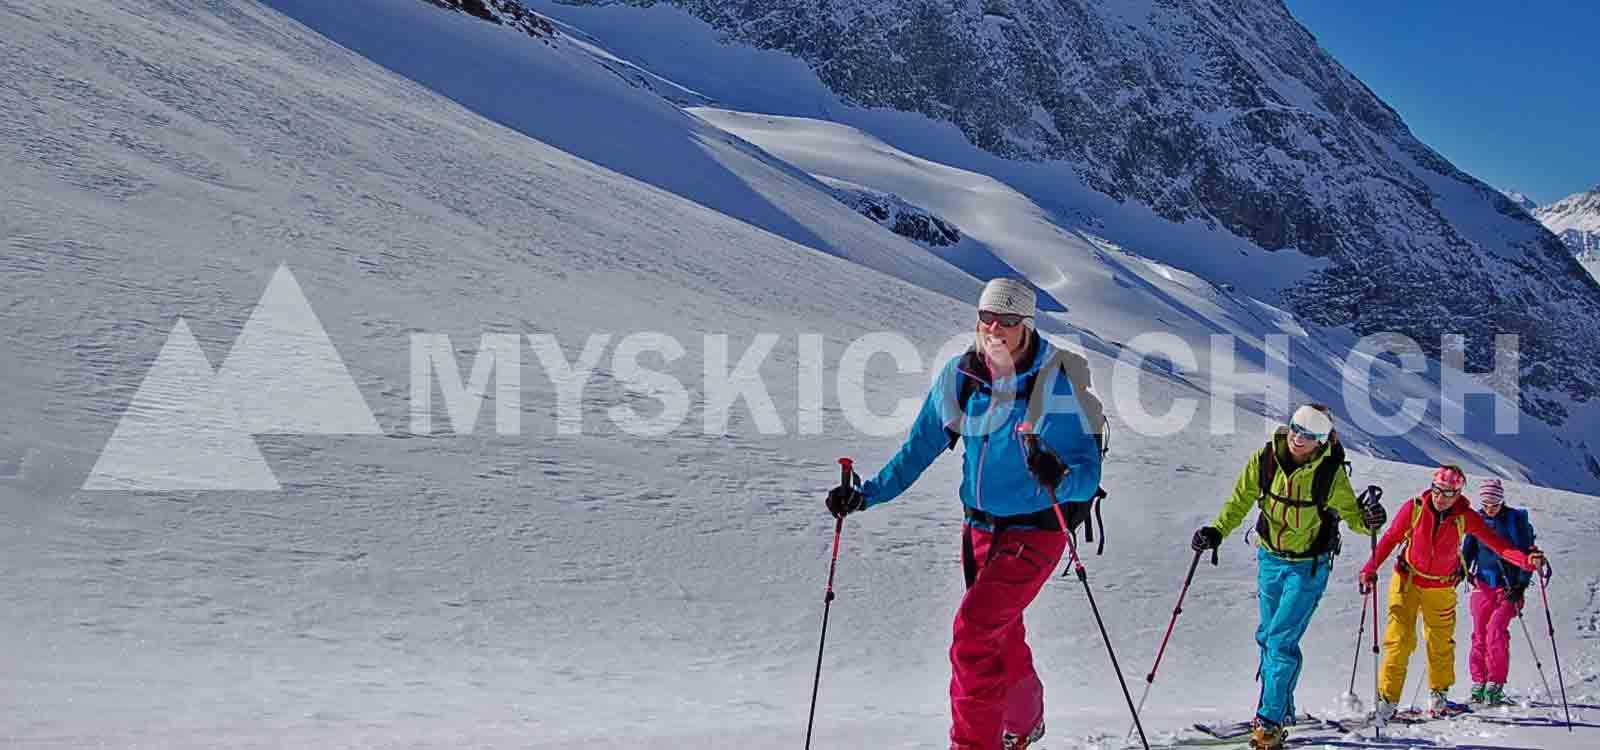 Backcountry ¦ Ski touring instruction for beginners (skinning)